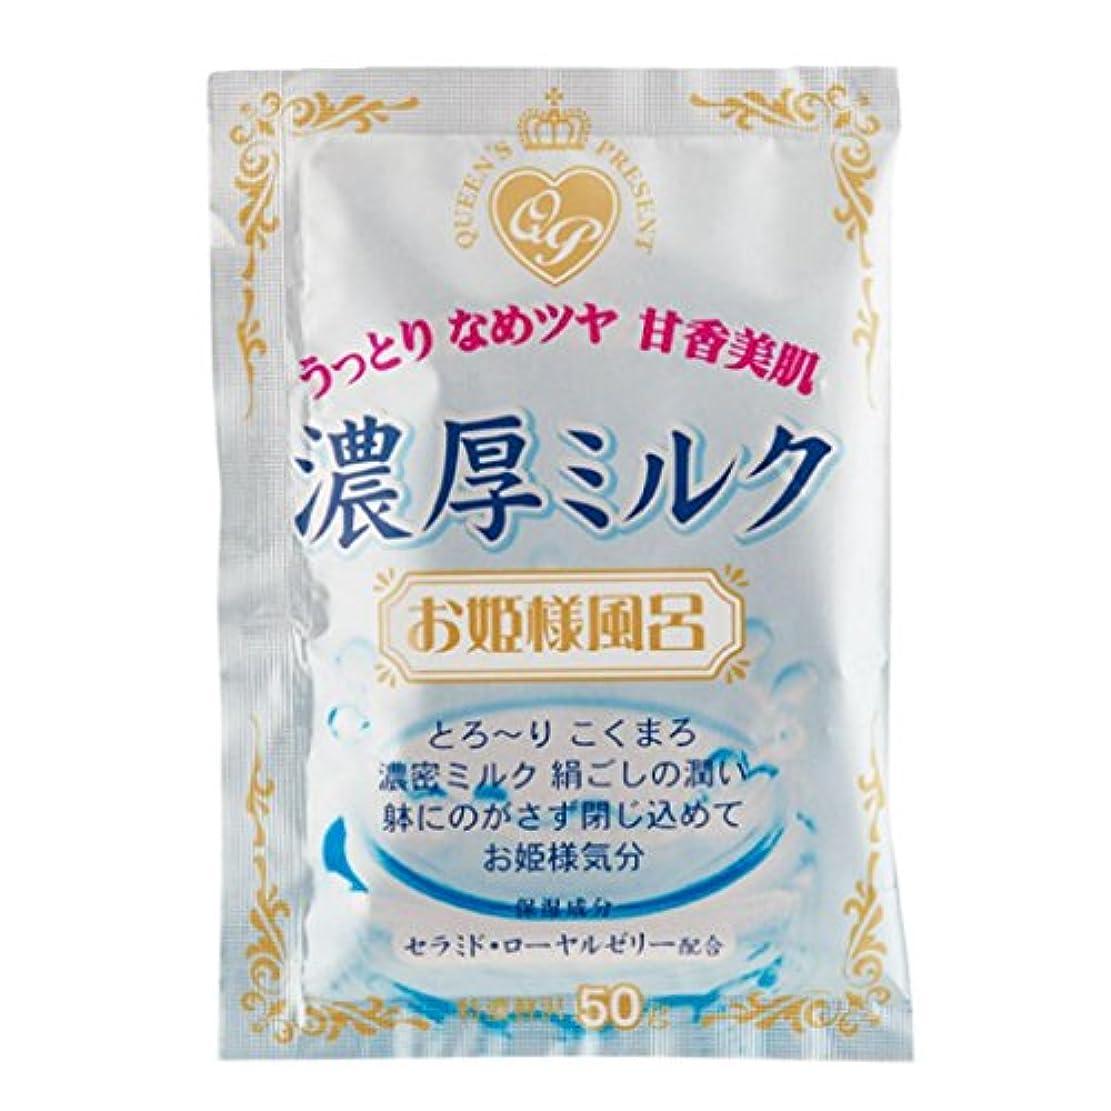 シャンプー原因放つ紀陽除虫菊 お姫様風呂  濃厚ミルク【まとめ買い12個セット】 N-8160